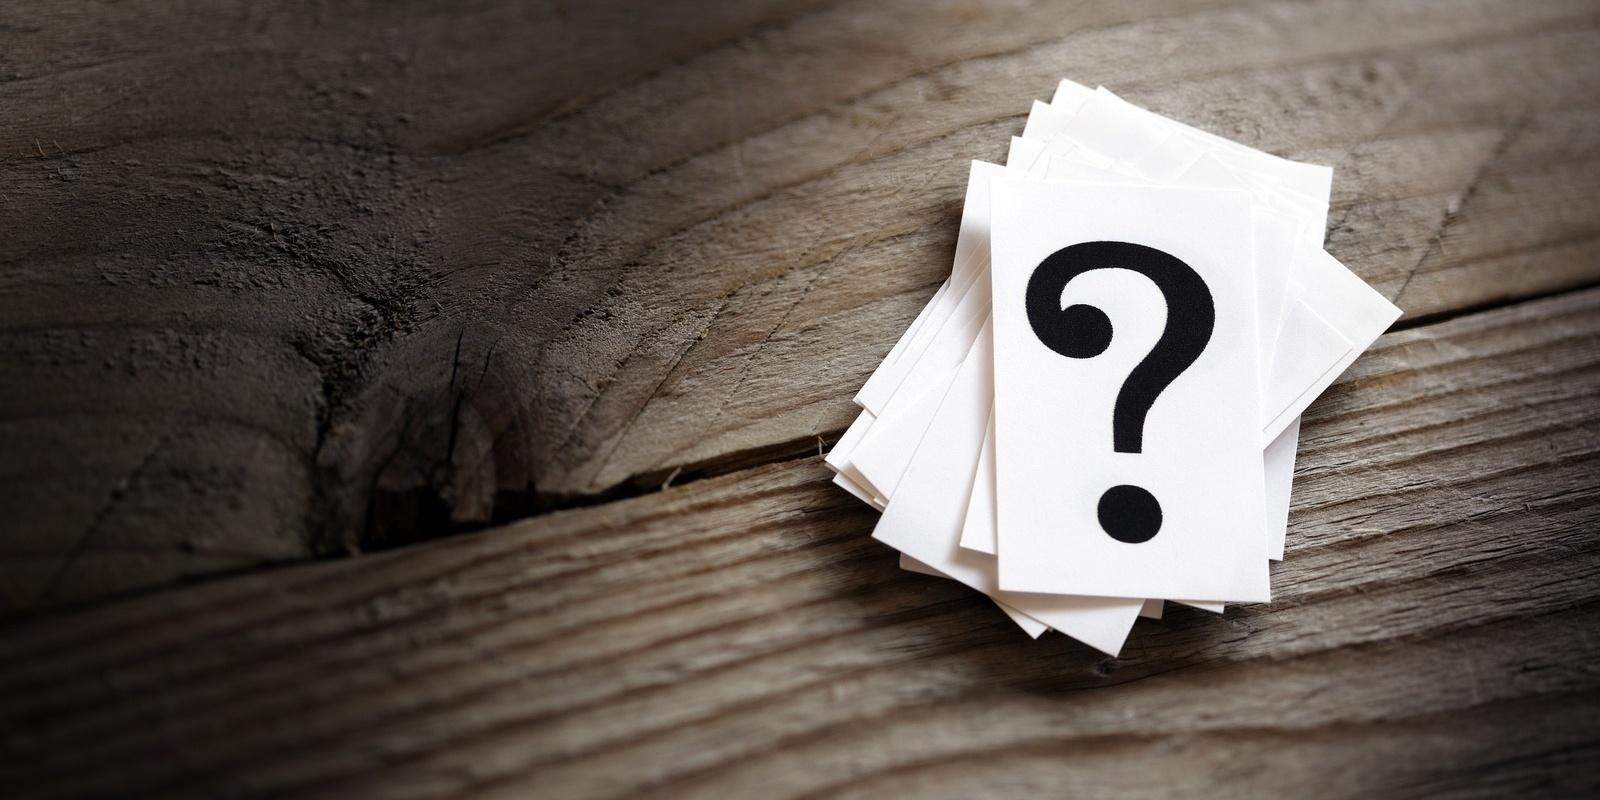 Régime de retraite collectif: 7 questions pour choisir le bon